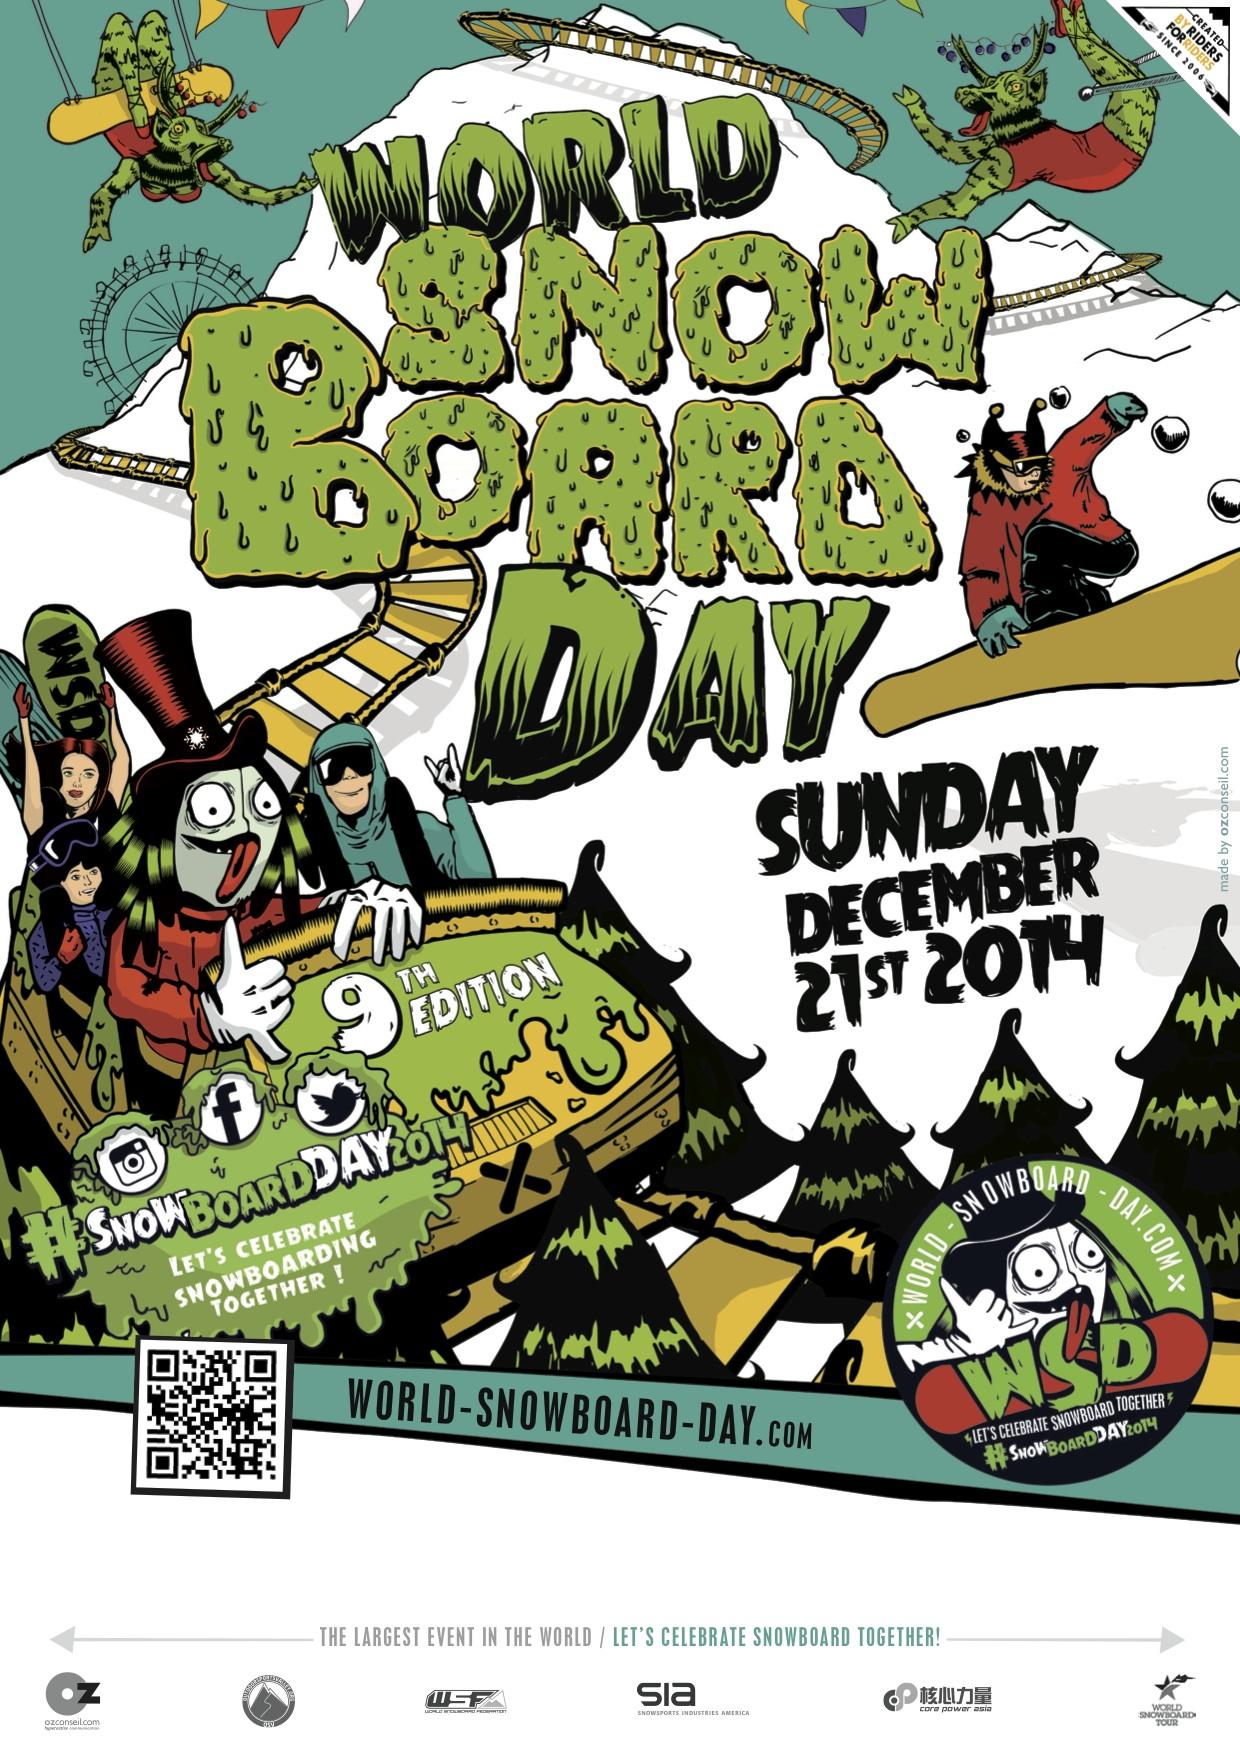 World Snowboard Day